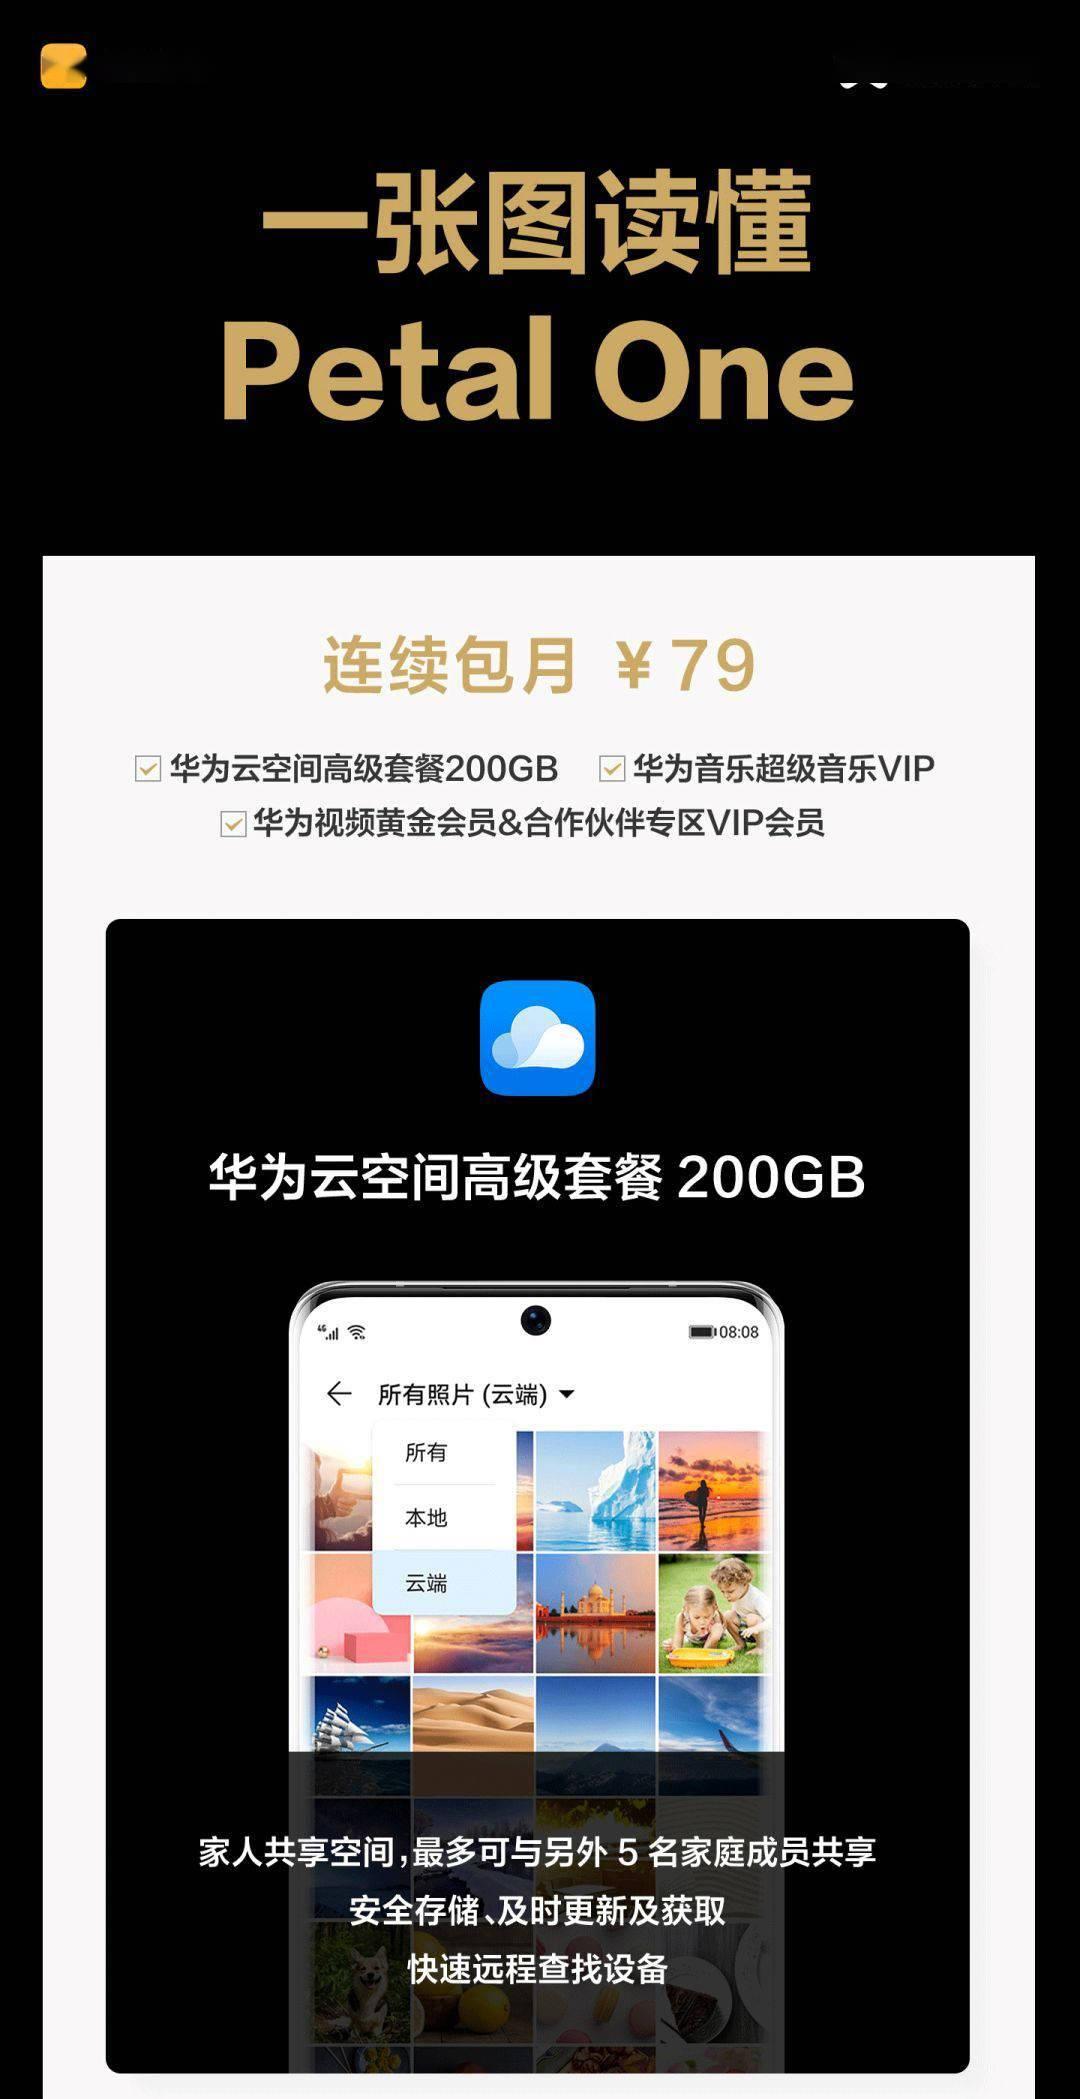 华为推出Petal One超值会员:200GB云空间、视频/音乐VIP_服务